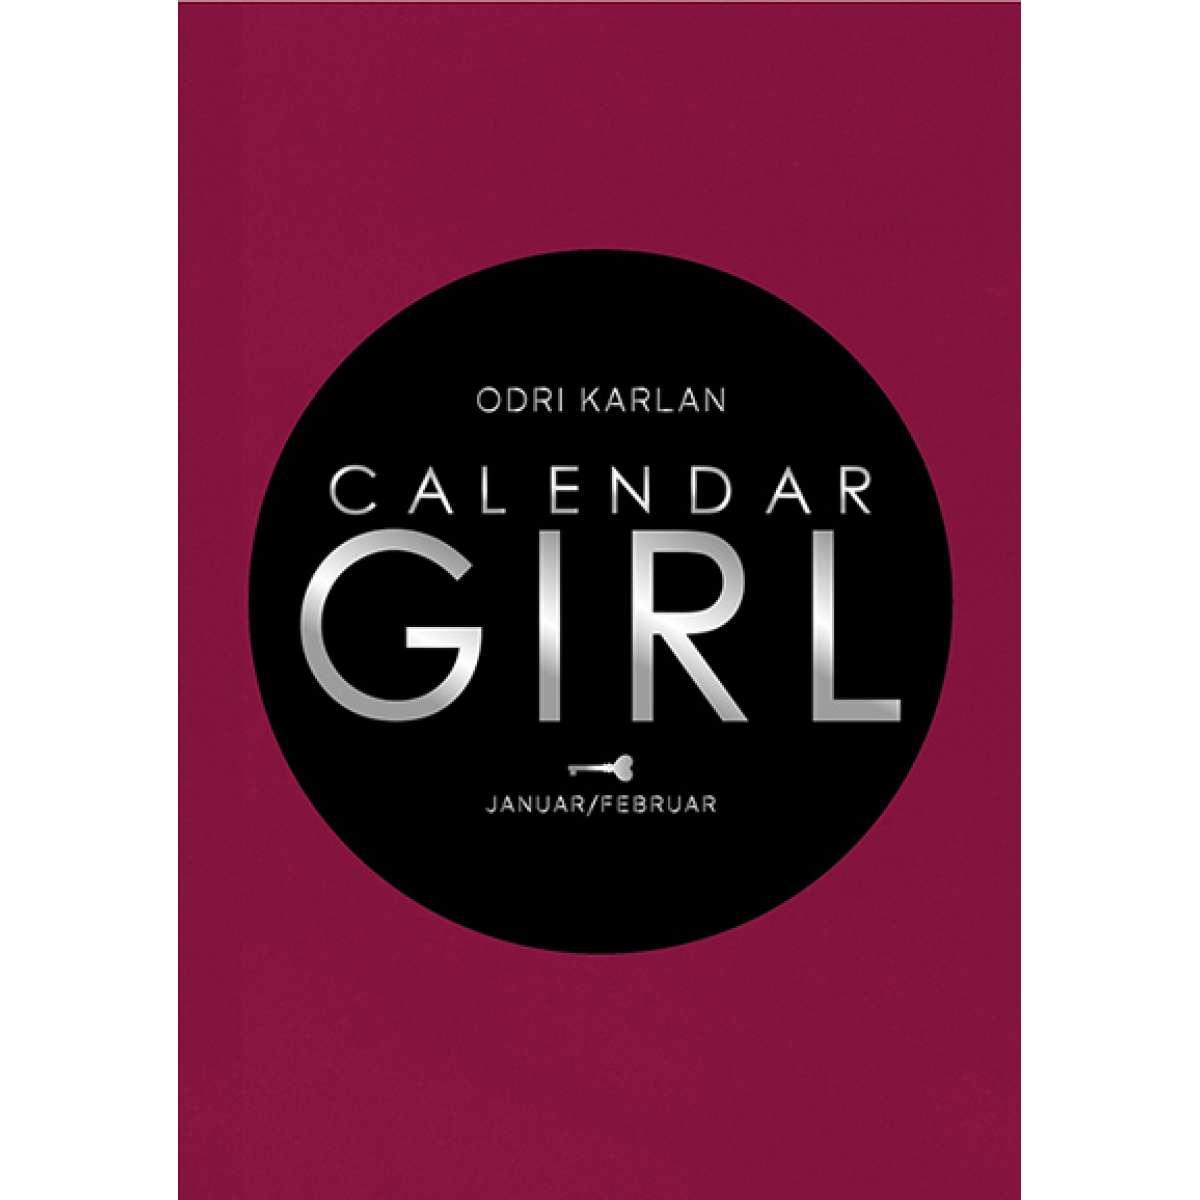 CALENDAR GIRL: JANUAR/FEBRUAR